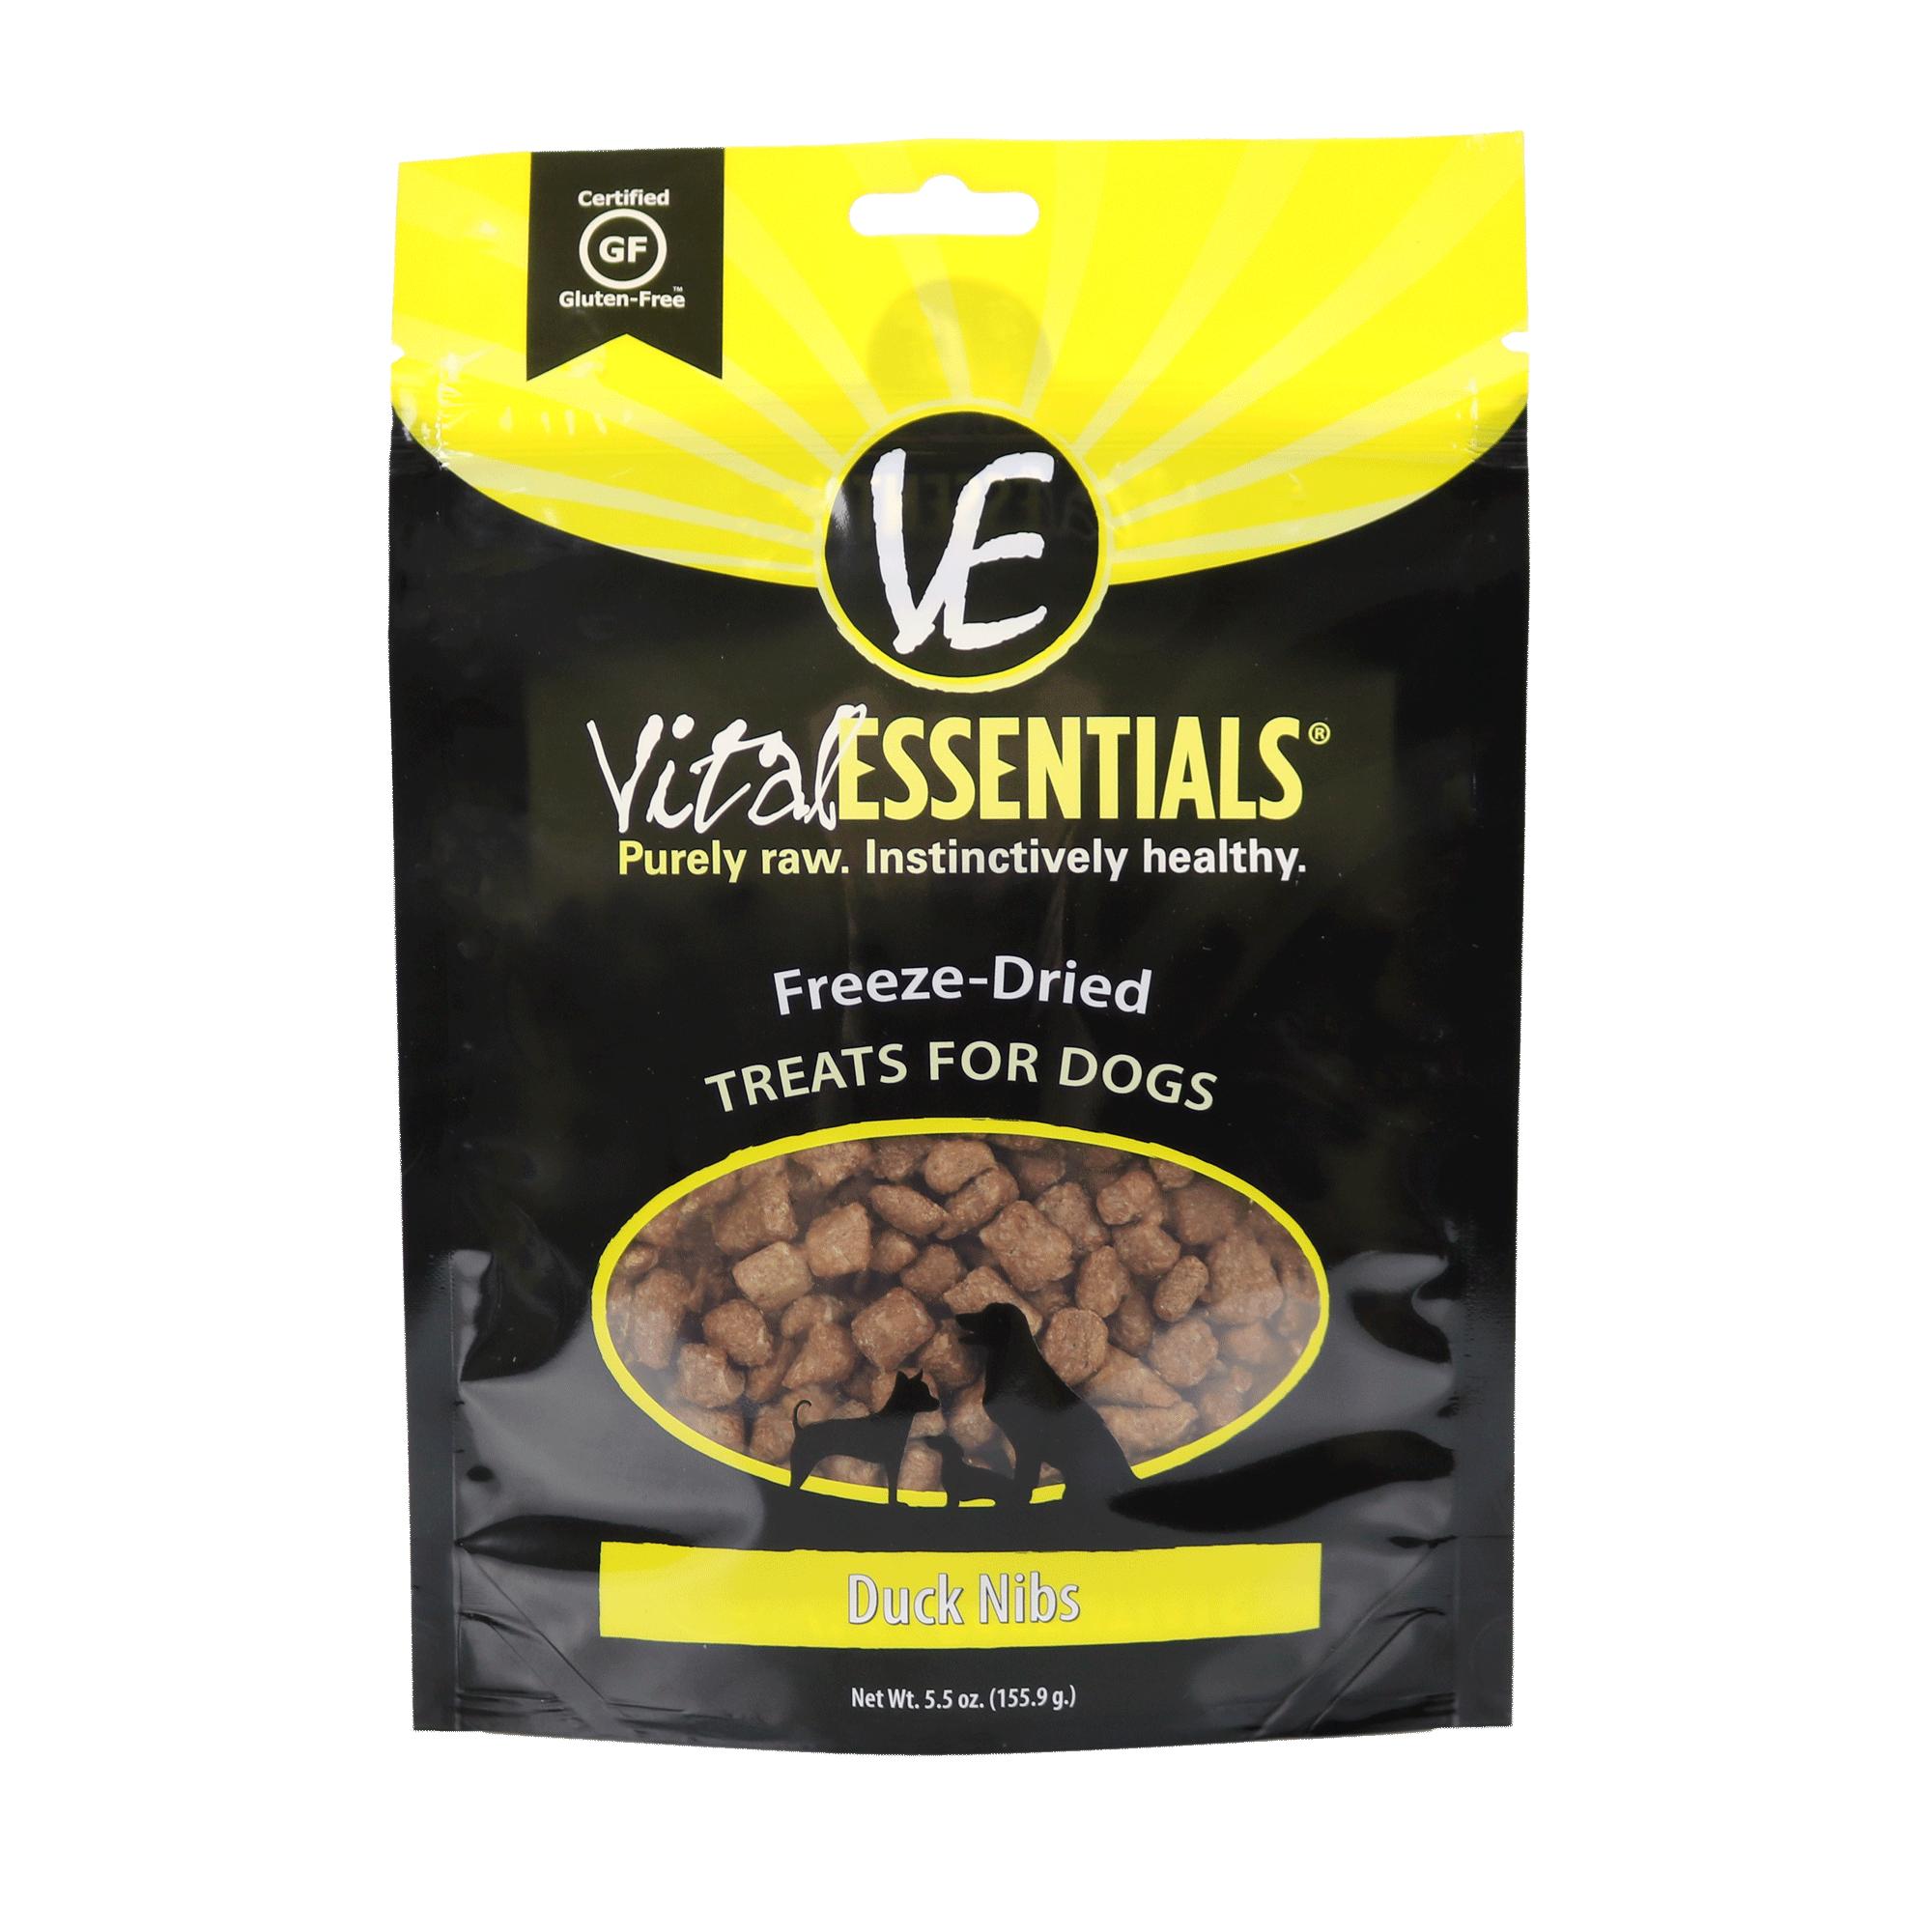 Vital Essentials Treats Duck Nibs Freeze-Dried Dog Treats, 5.5-oz